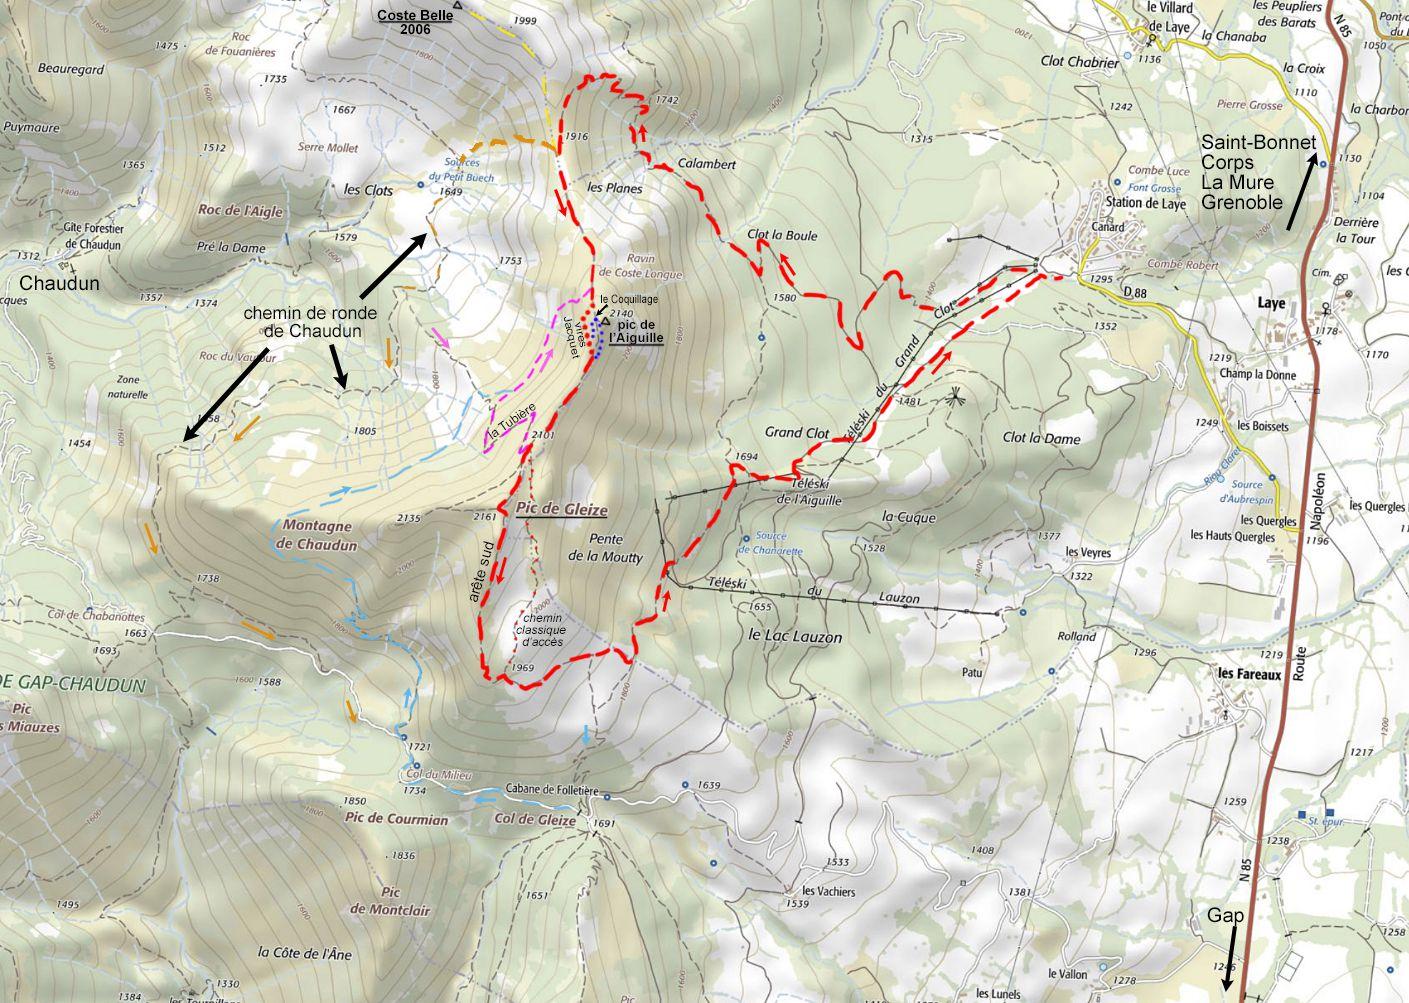 Le circuit décrit est en rouge. En jaune, l'aller-retour au sommet de Coste-Belle. En rose, le sentier de la Tubière et la jonction avec le Coquillage. En orange, le retour évitant les difficultés de l'arête par le sentier de Ronde de Chaudun. En bleu, le sentier oublié de la montagne de Chaudun et la jonction avec la Tubière.